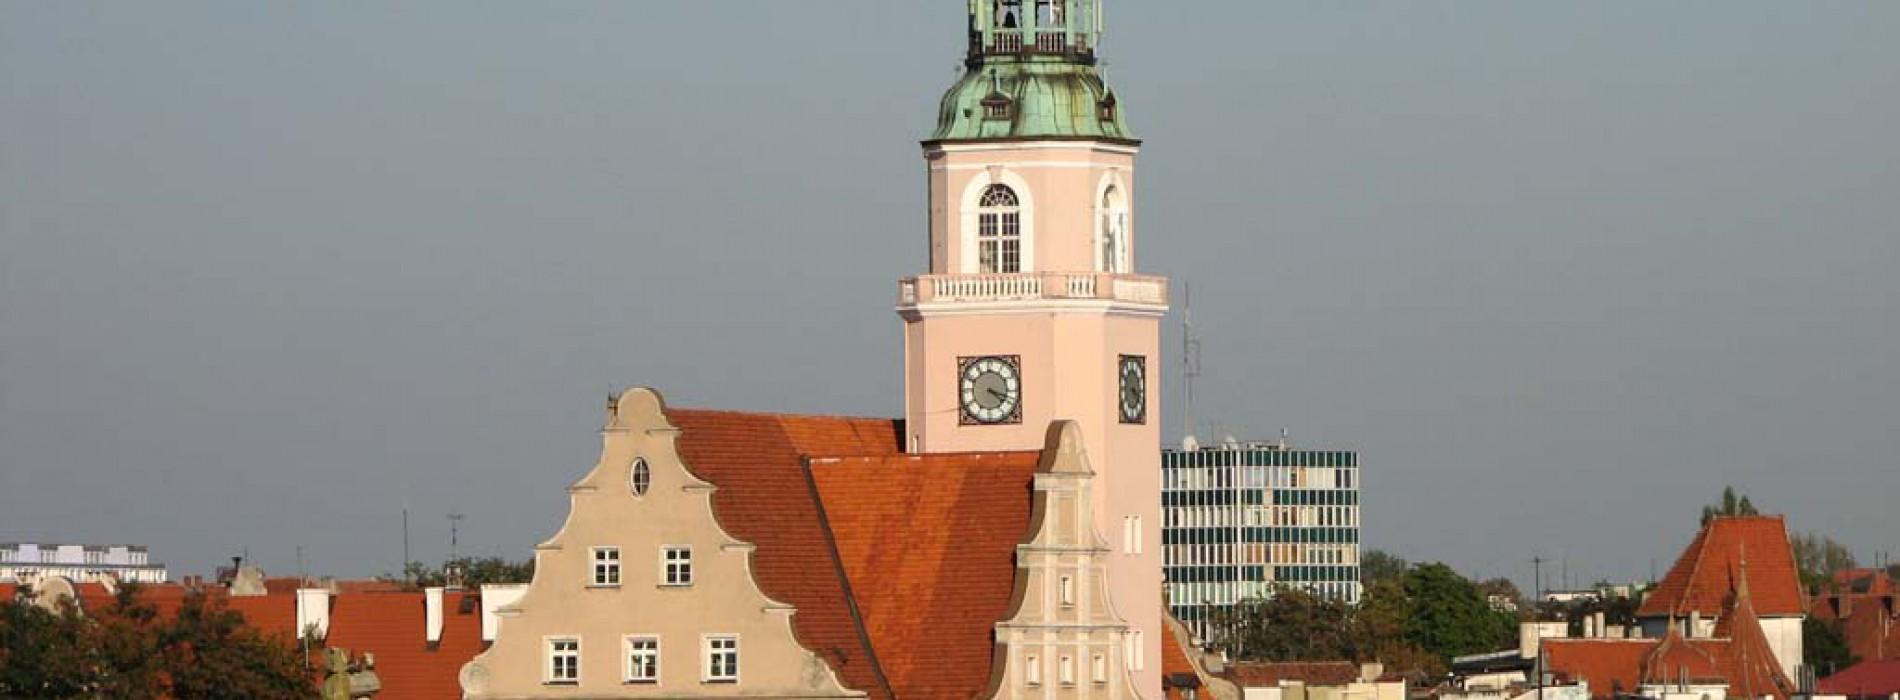 Urząd miasta odwołał się od kar nałożonych przez wojewodę